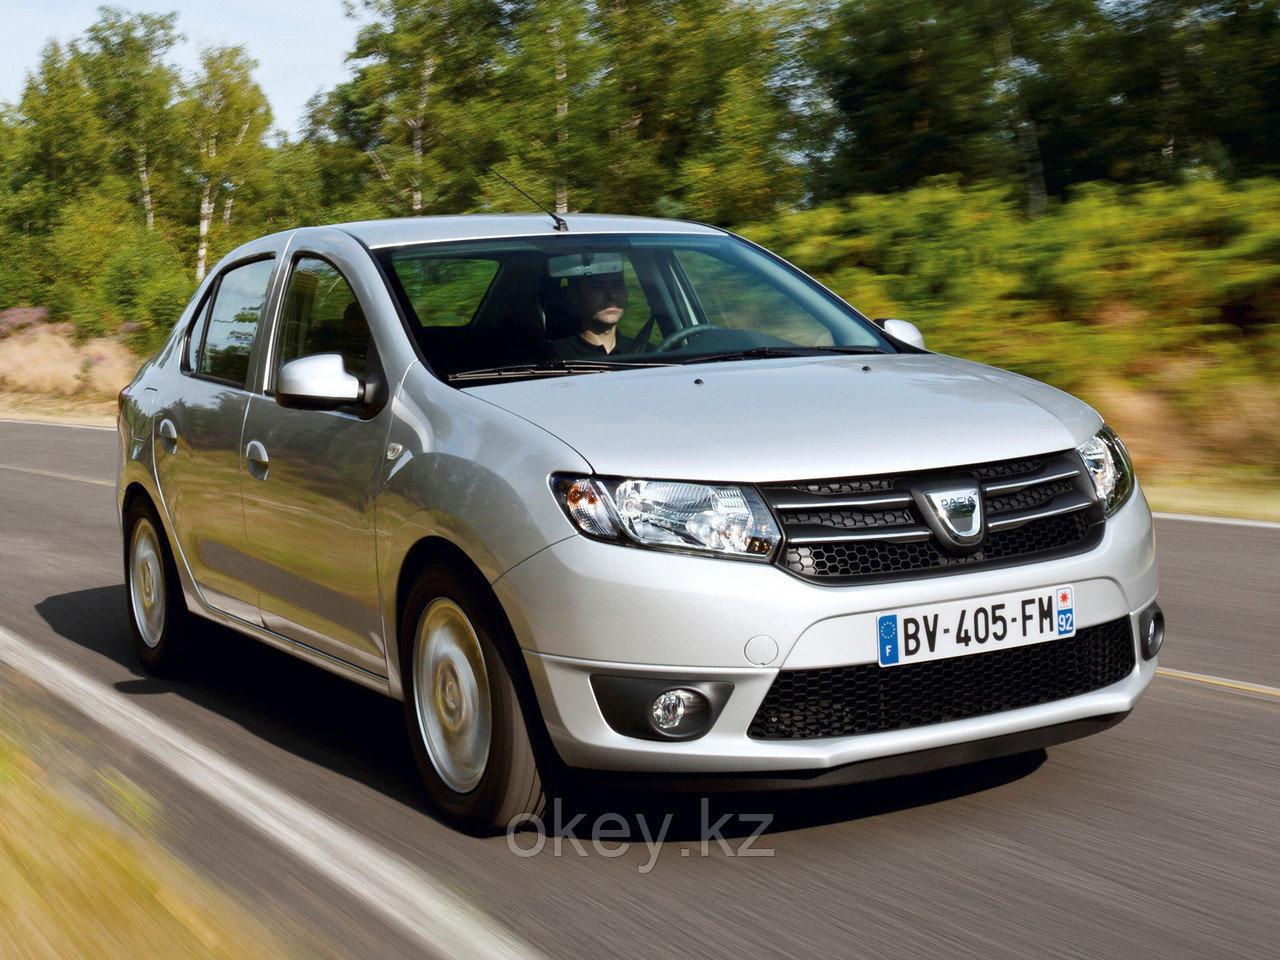 Тормозные колодки Kötl 400KT для Dacia Logan II седан (LS_) 1.6 16V Flexifuel, 2010-2012 года выпуска.